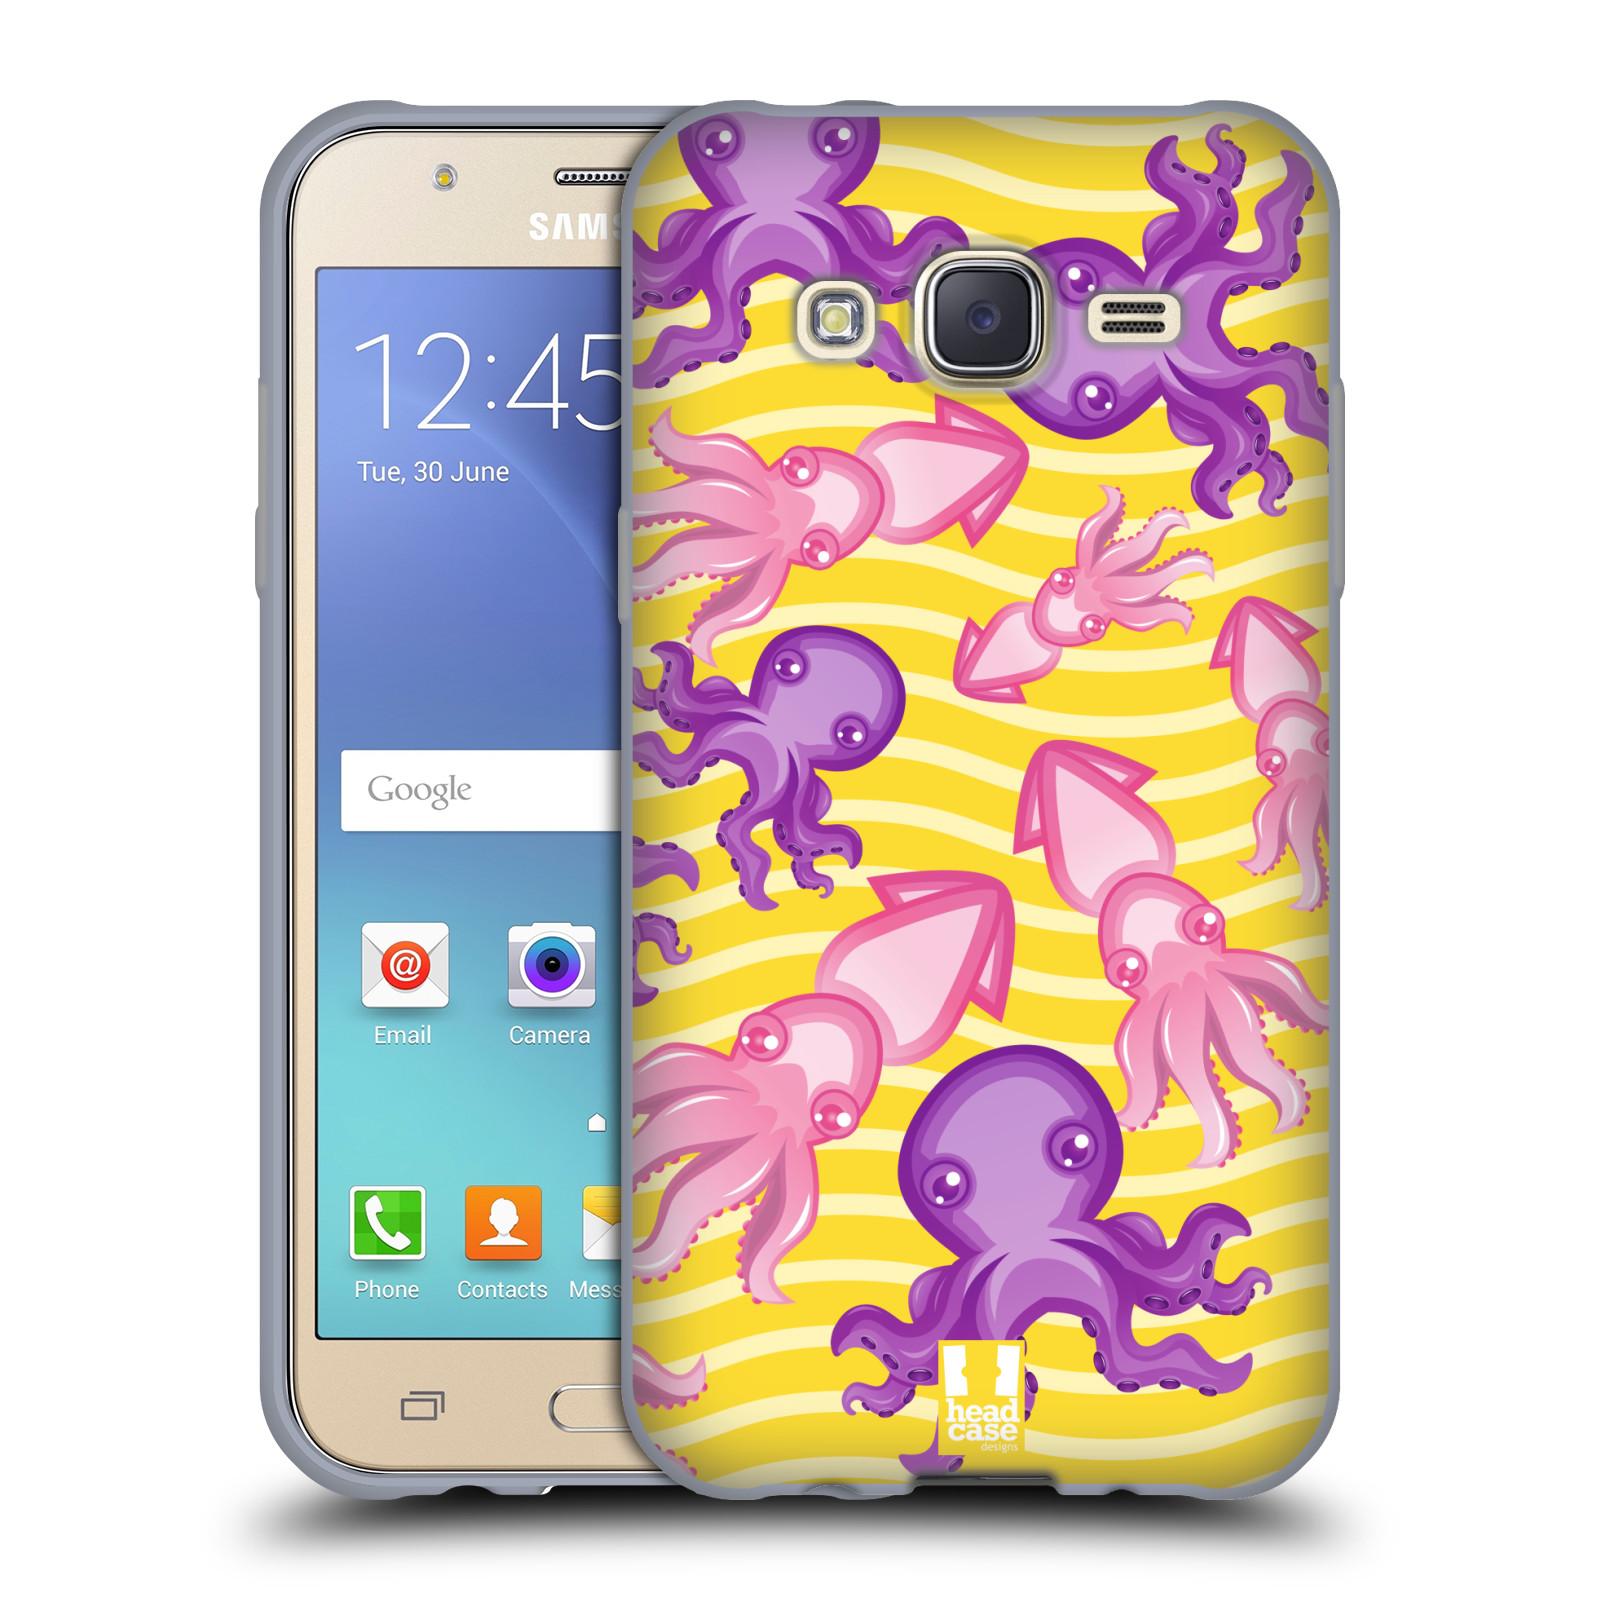 HEAD CASE silikonový obal na mobil Samsung Galaxy J5, J500, (J5 DUOS) vzor mořský živočich chobotnice